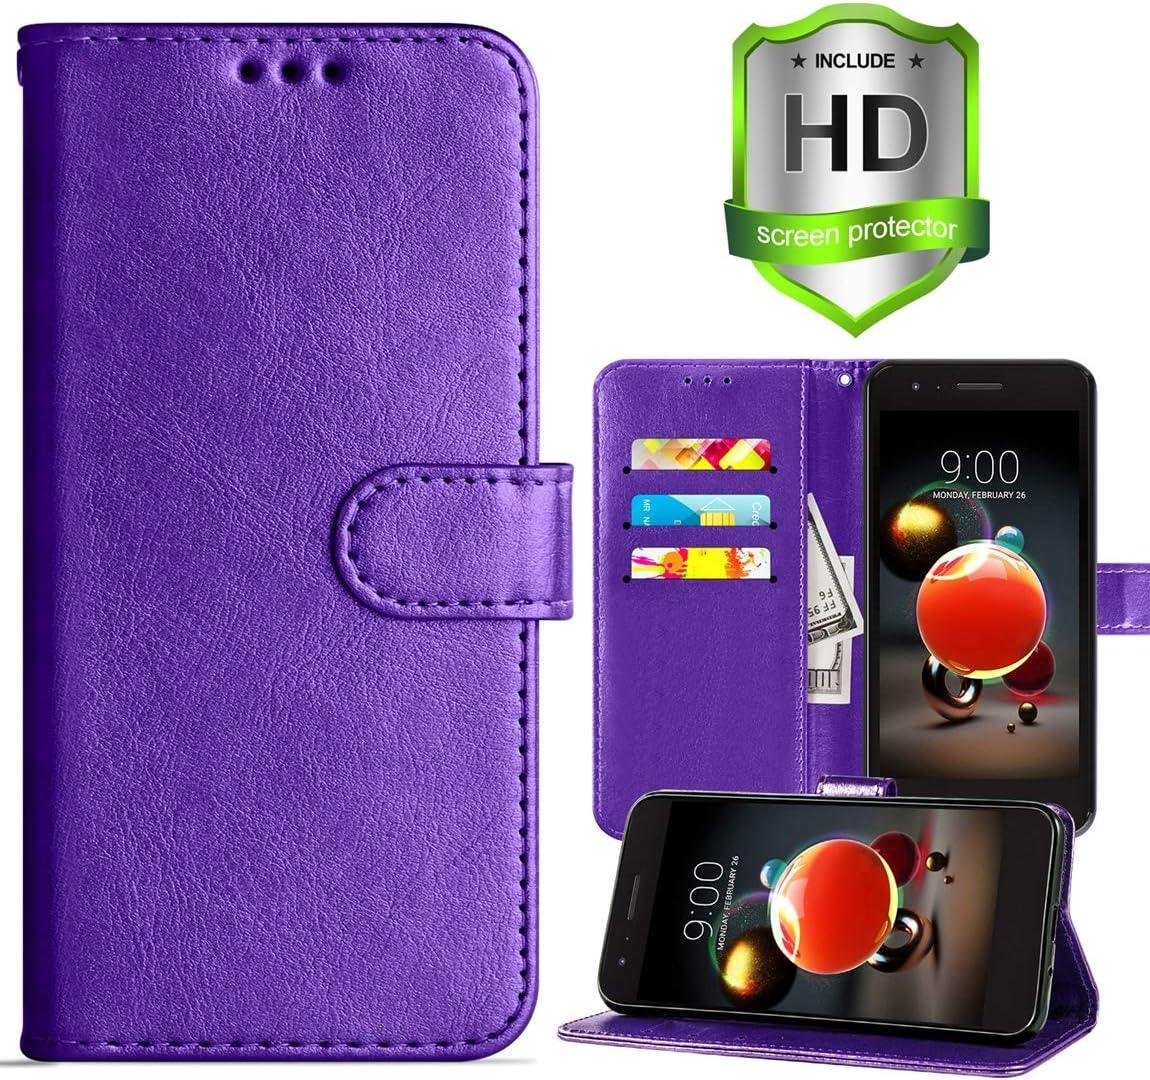 LG Aristo 3/LG Aristo 2/Aristo 2 Plus Wallet Case,Rebel 4 LTE/Tribute Empire/Dynasty/Zone 4/Phoenix 4/Risio 3/K8 2018/ K8 Plus/Fortune 2 Case,PU Leather Cover w Card Slots/Screen Protector,Purple